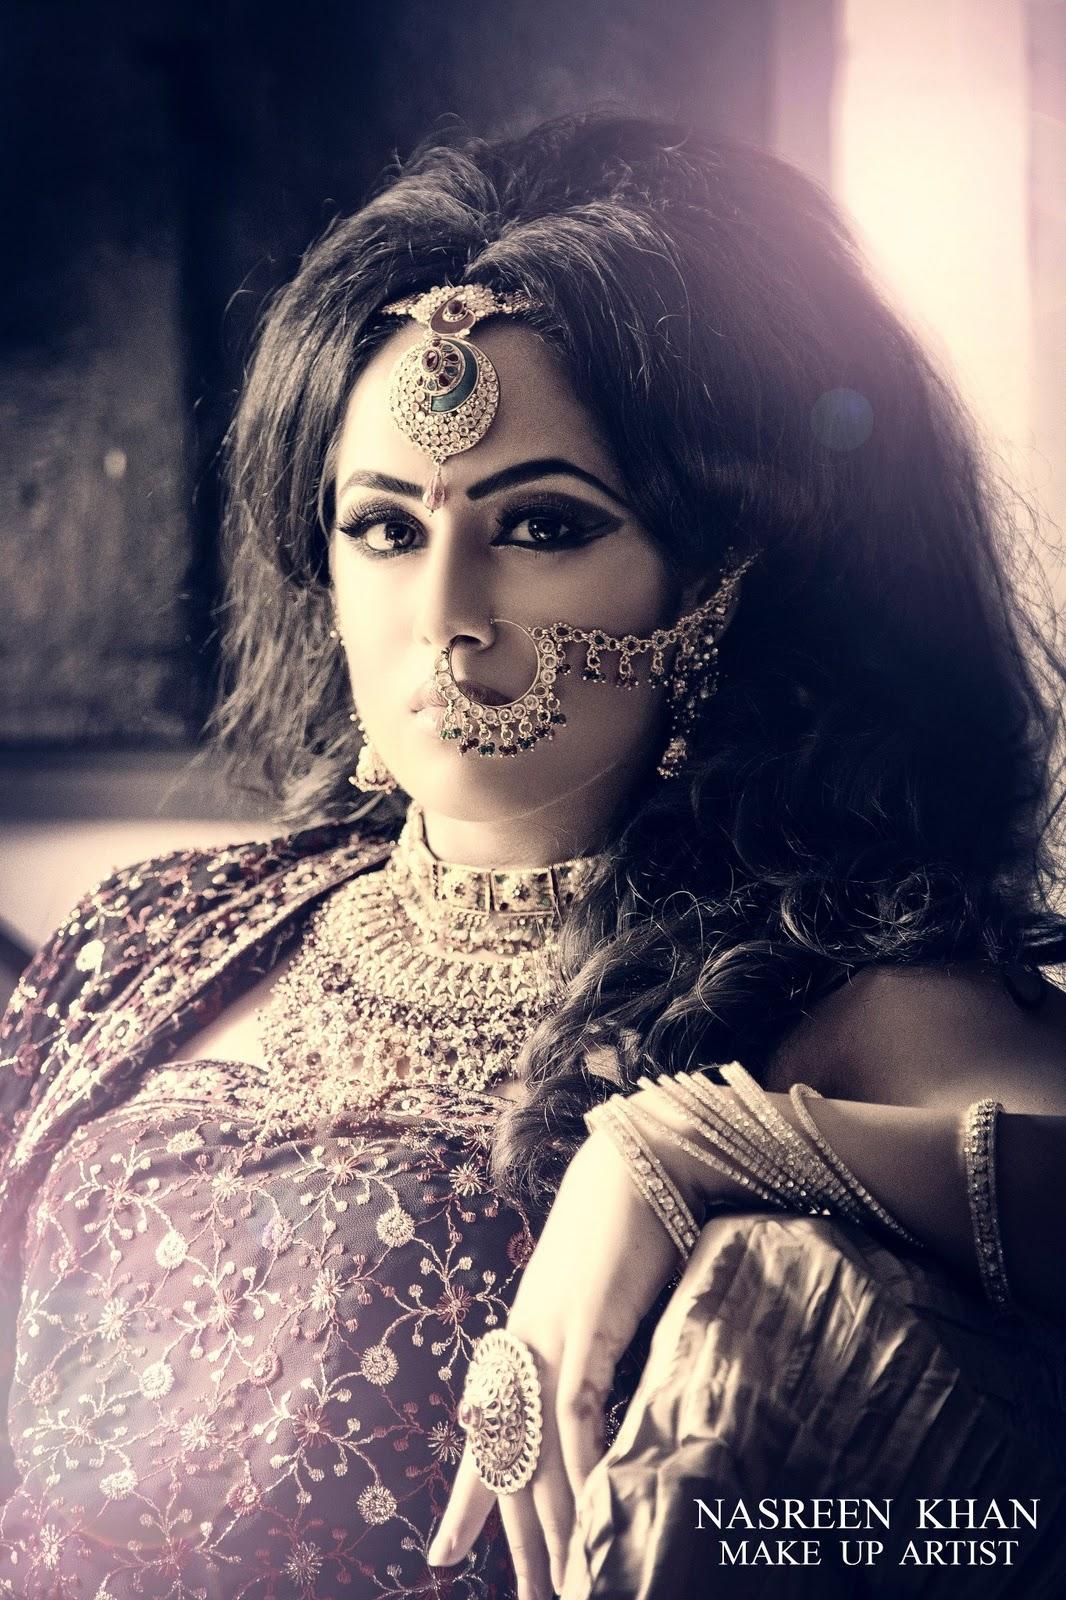 bridal-makeup-by-makeup-artist-nasreen-khan- (4)